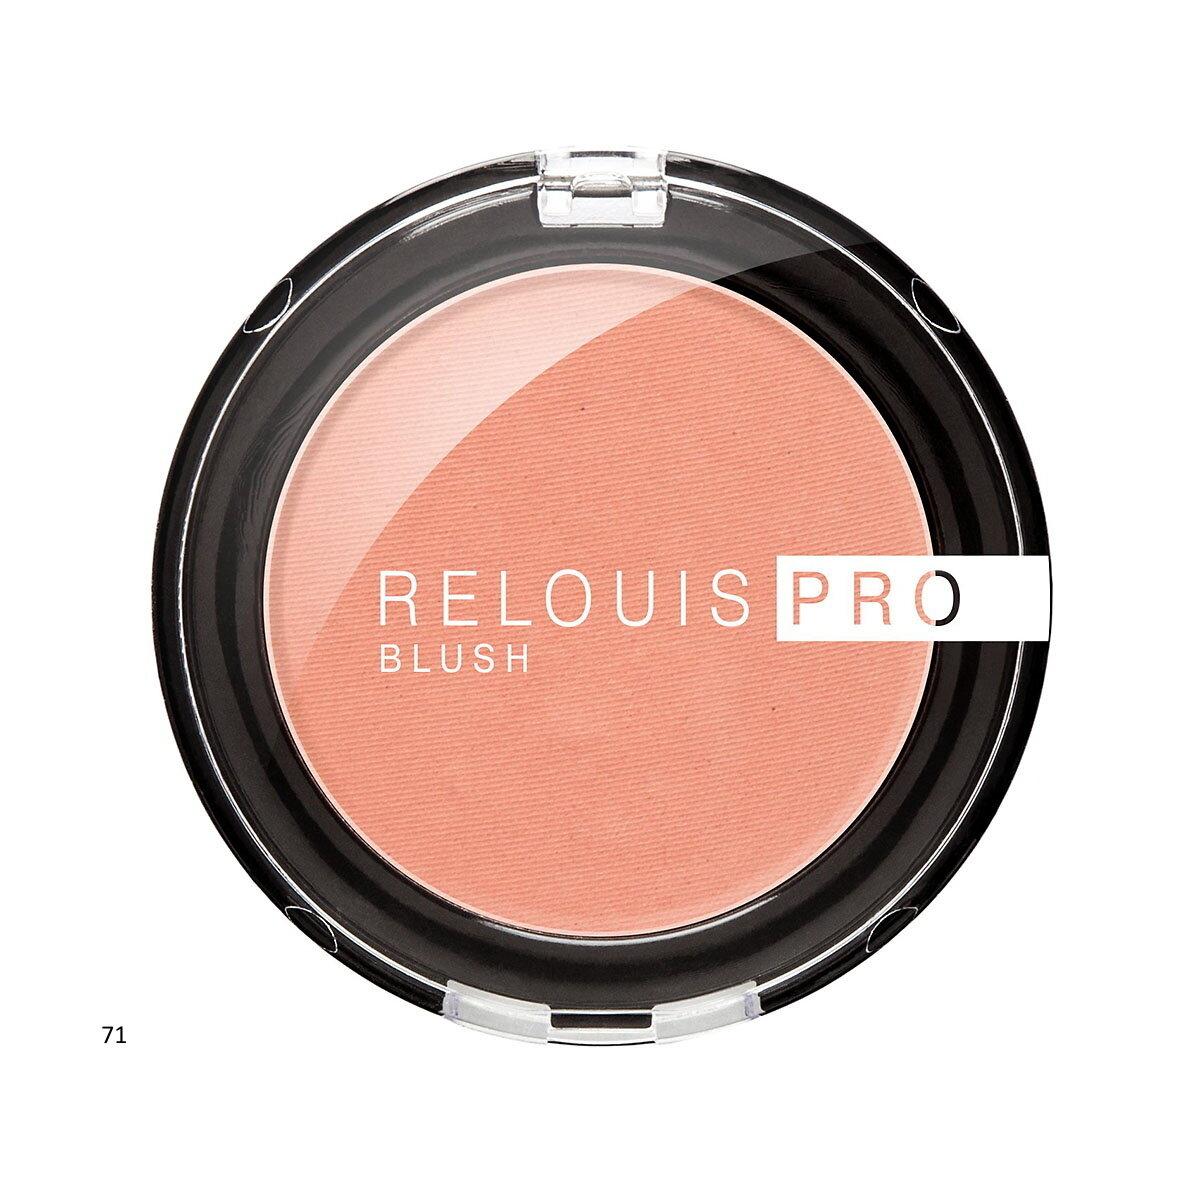 RELOUIS PRO BLUSH 6 colors | РУМЯНА КОМПАКТНЫЕ